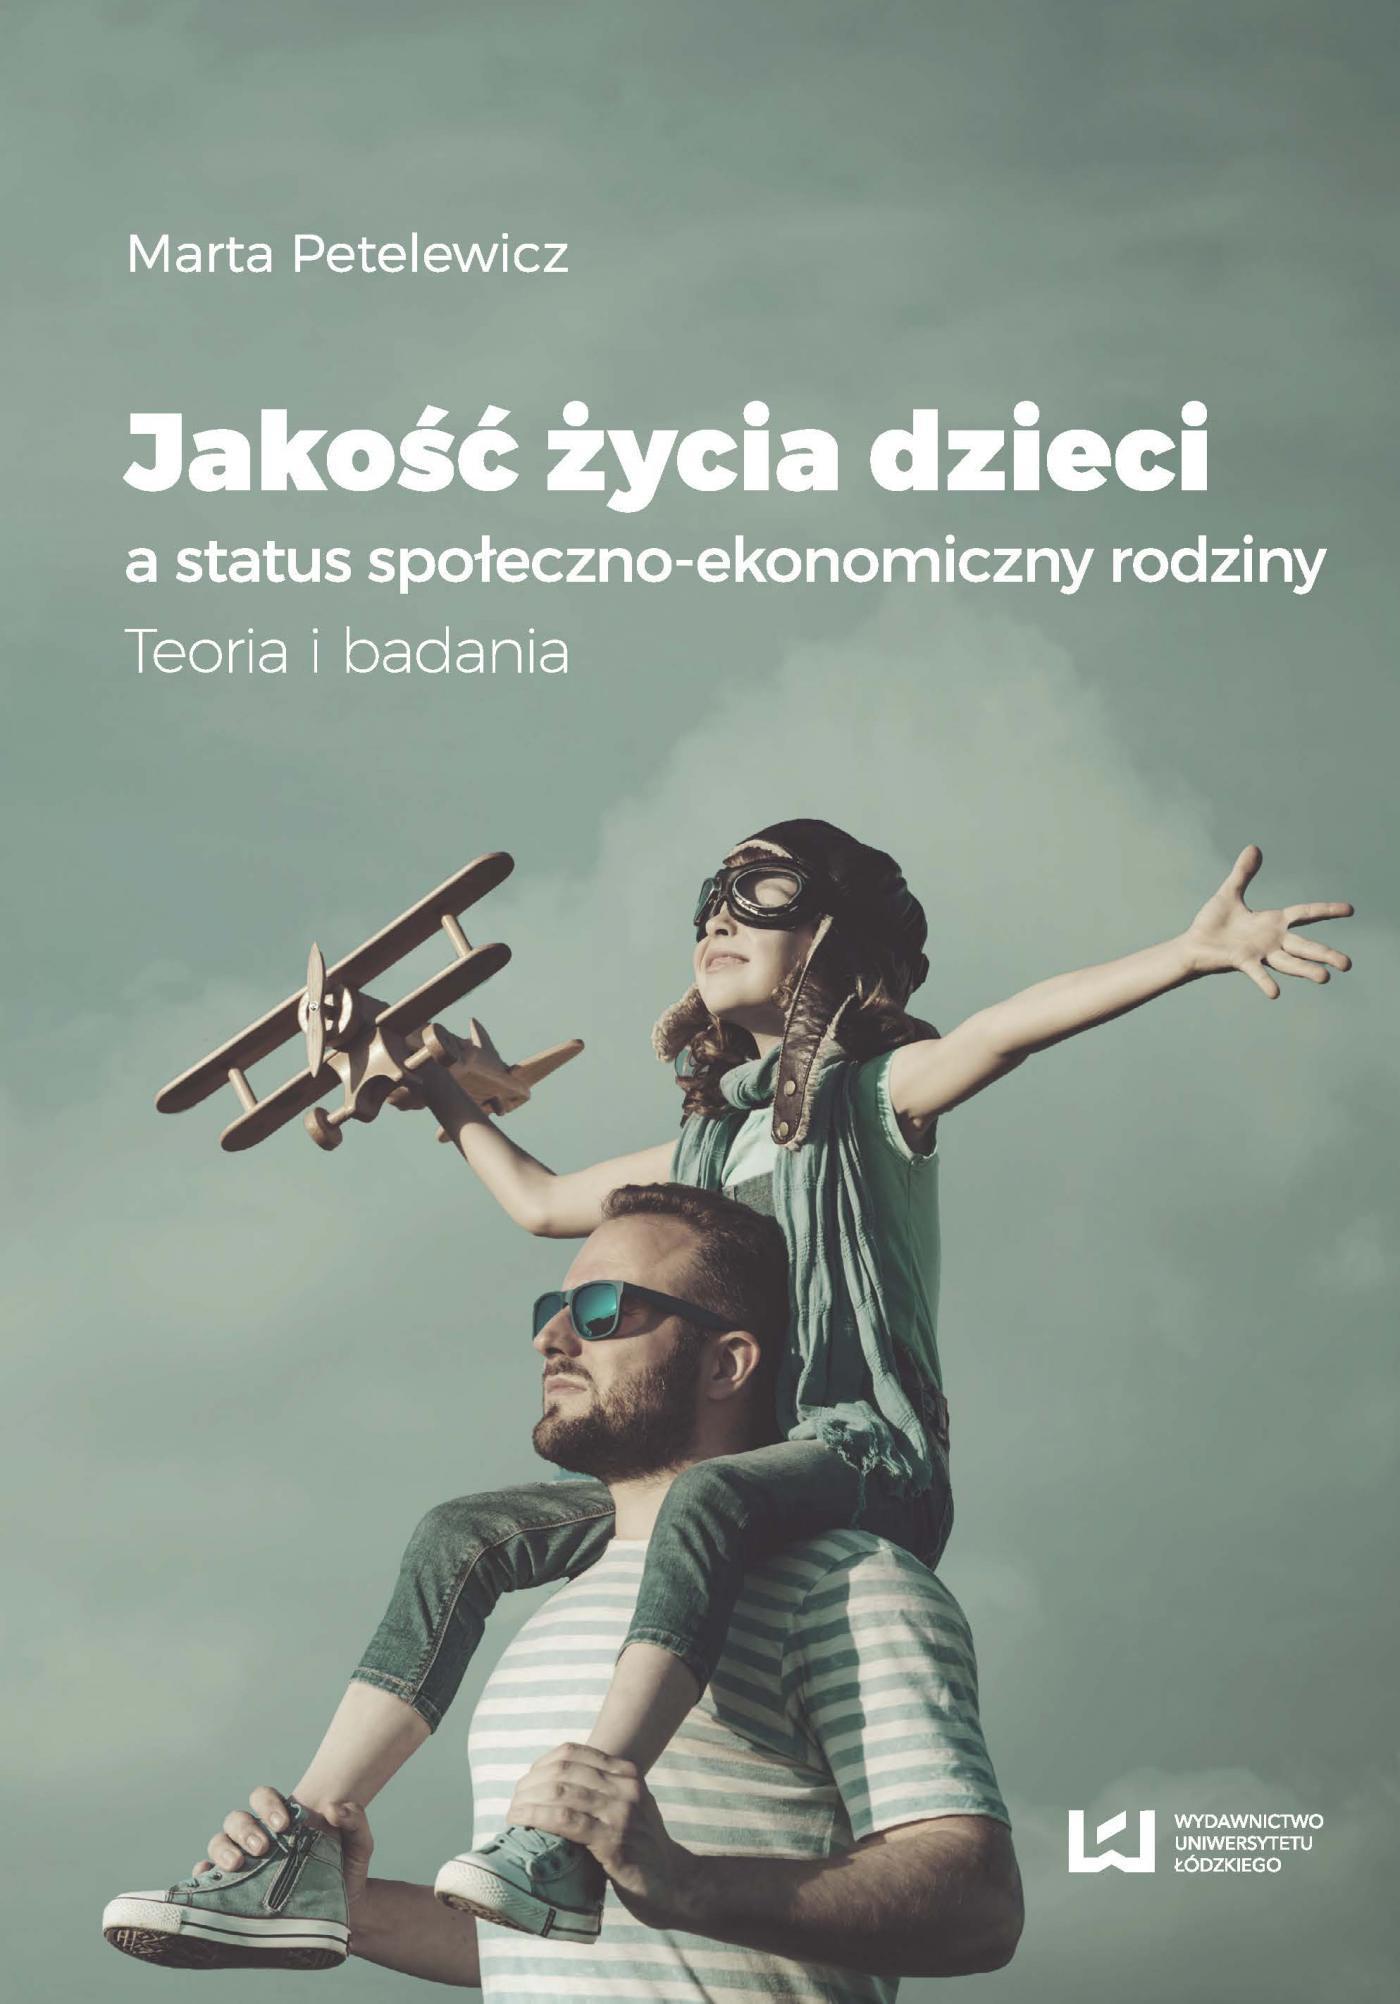 Jakość życia dzieci a status społeczno-ekonomiczny rodziny. Teoria i badania - Ebook (Książka PDF) do pobrania w formacie PDF